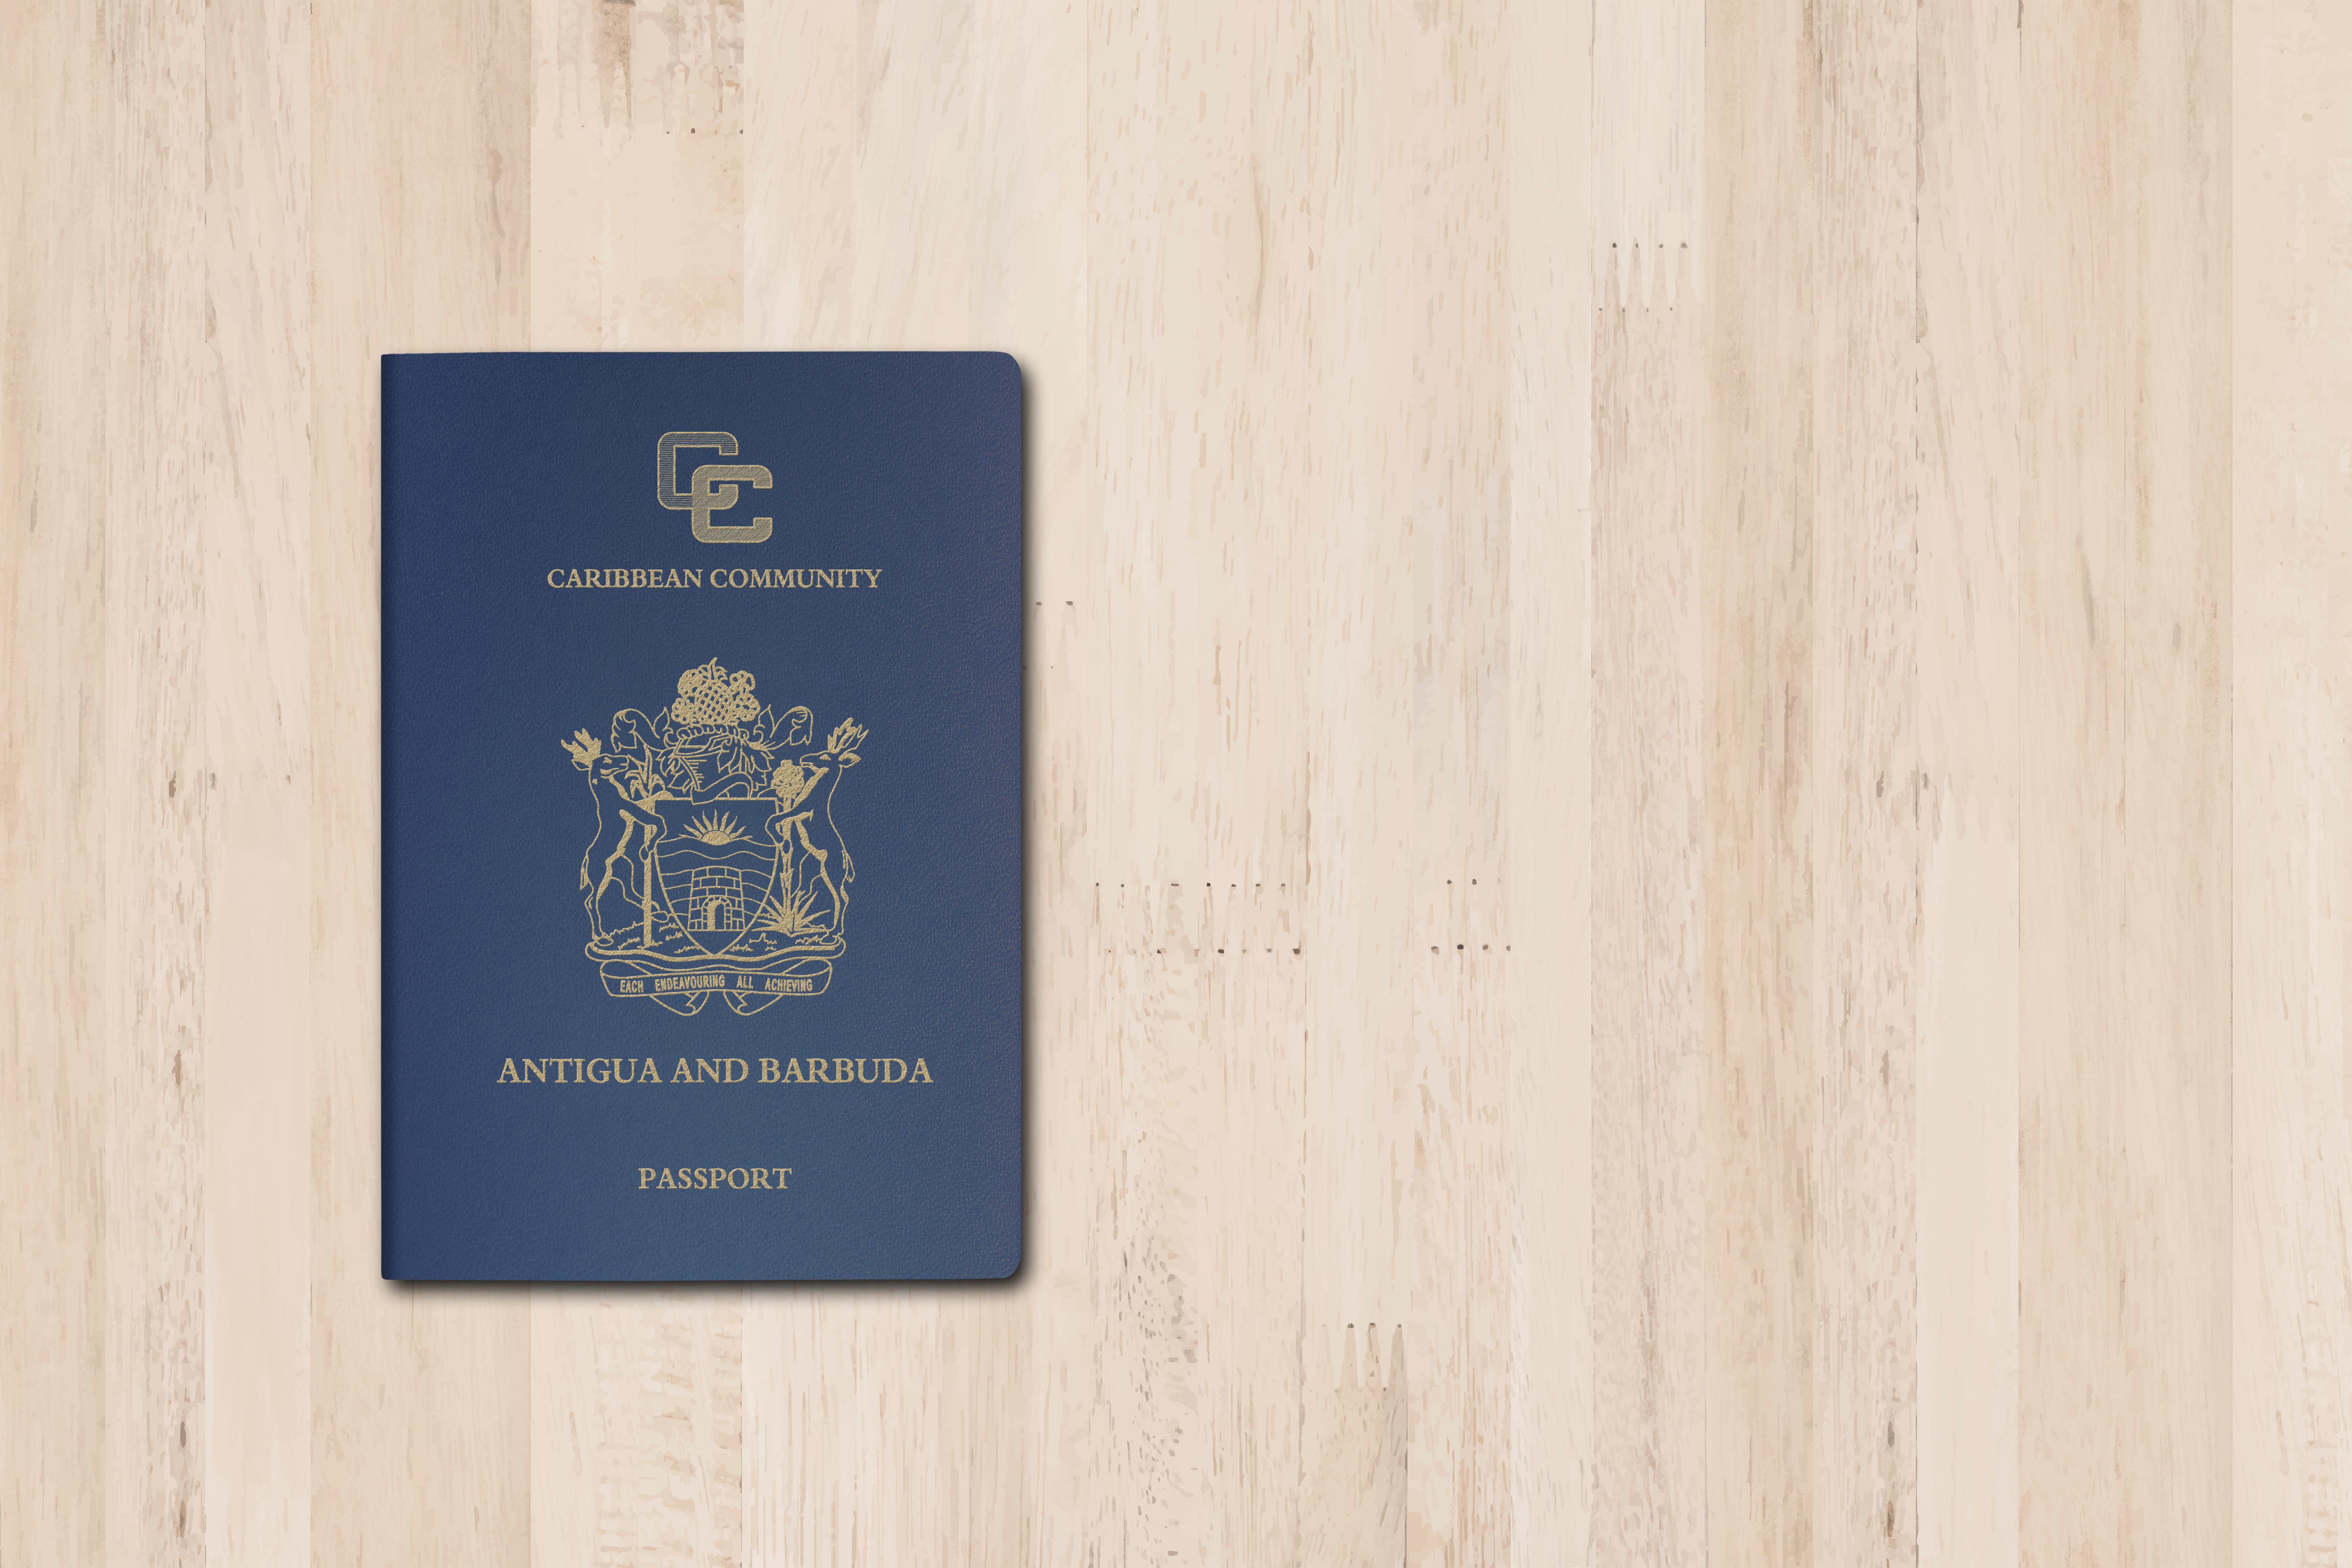 Паспорт Антигуа и Барбуды, гражданство которой могут получить россияне, украинцы и белорусы